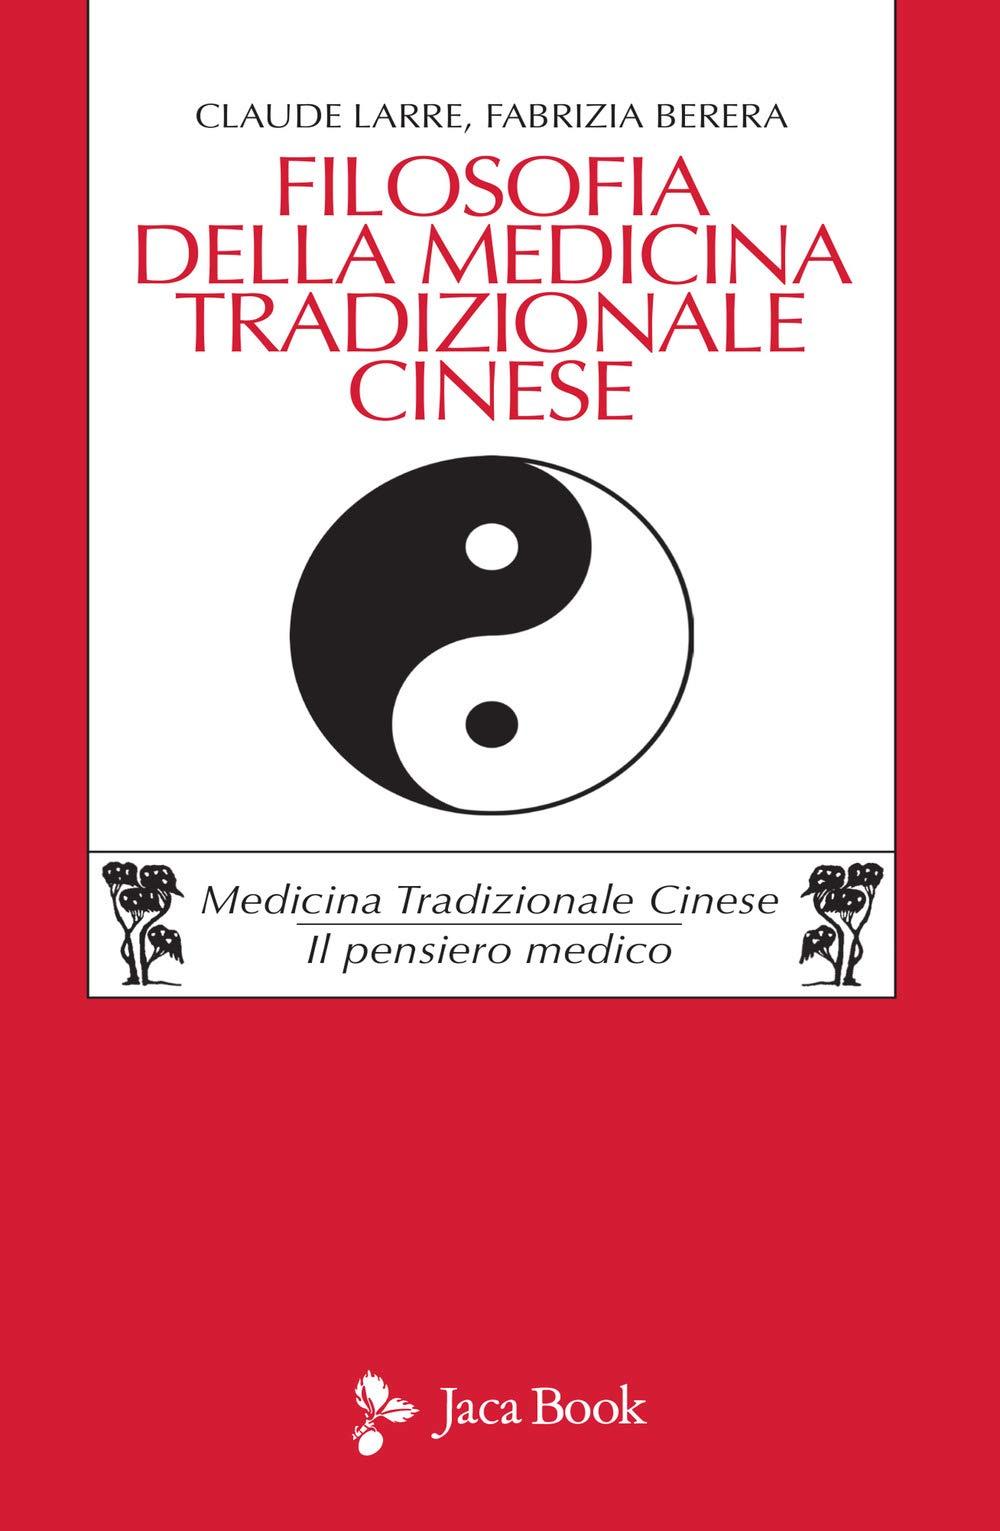 Filosofia della medicina tradizionale cinese